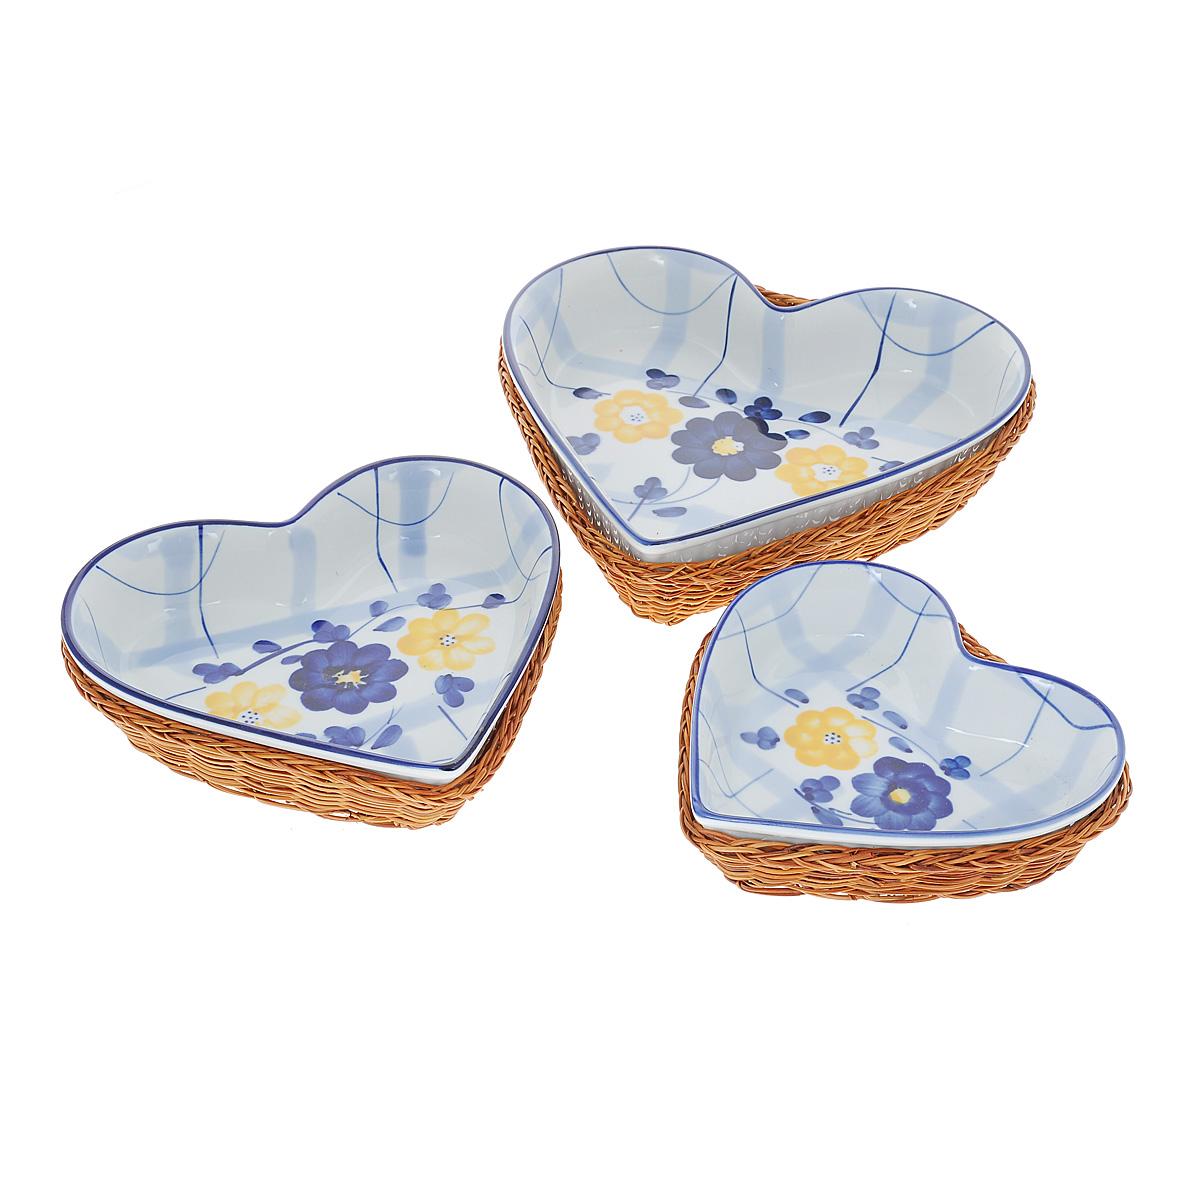 Набор форм для выпечки Mayer & Boch Сердце, 6 предметов. 92849284Набор Mayer & Boch состоит из трех форм для выпечки и трех корзинок под них. Формы выполнены из жаропрочной керамики в виде сердца и украшены ручной росписью. Плетеные корзинки служат в качестве подставок для форм, в таком сочетании блюда идеально будут смотреться на столе. Набор можно использовать для приготовления, разогрева блюд и их последующей сервировки. Для компактного хранения формы складываются друг в друга. Формы можно использовать в духовке, микроволновой печи и мыть в посудомоечной машине.